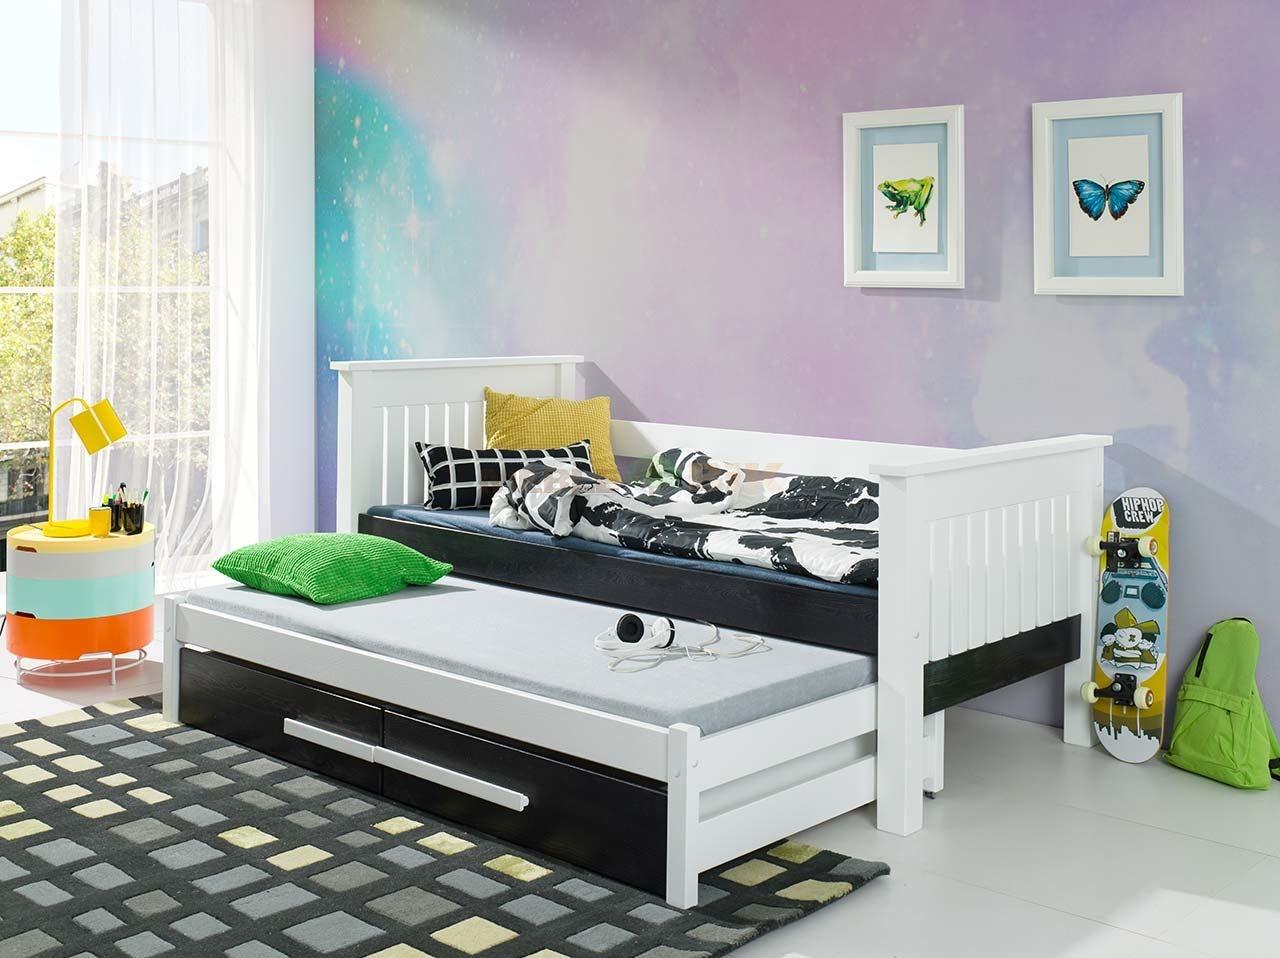 łóżko Podwójne Telmo Do Pokoju Młodzieżowego Lub Dziecka Z Materacami